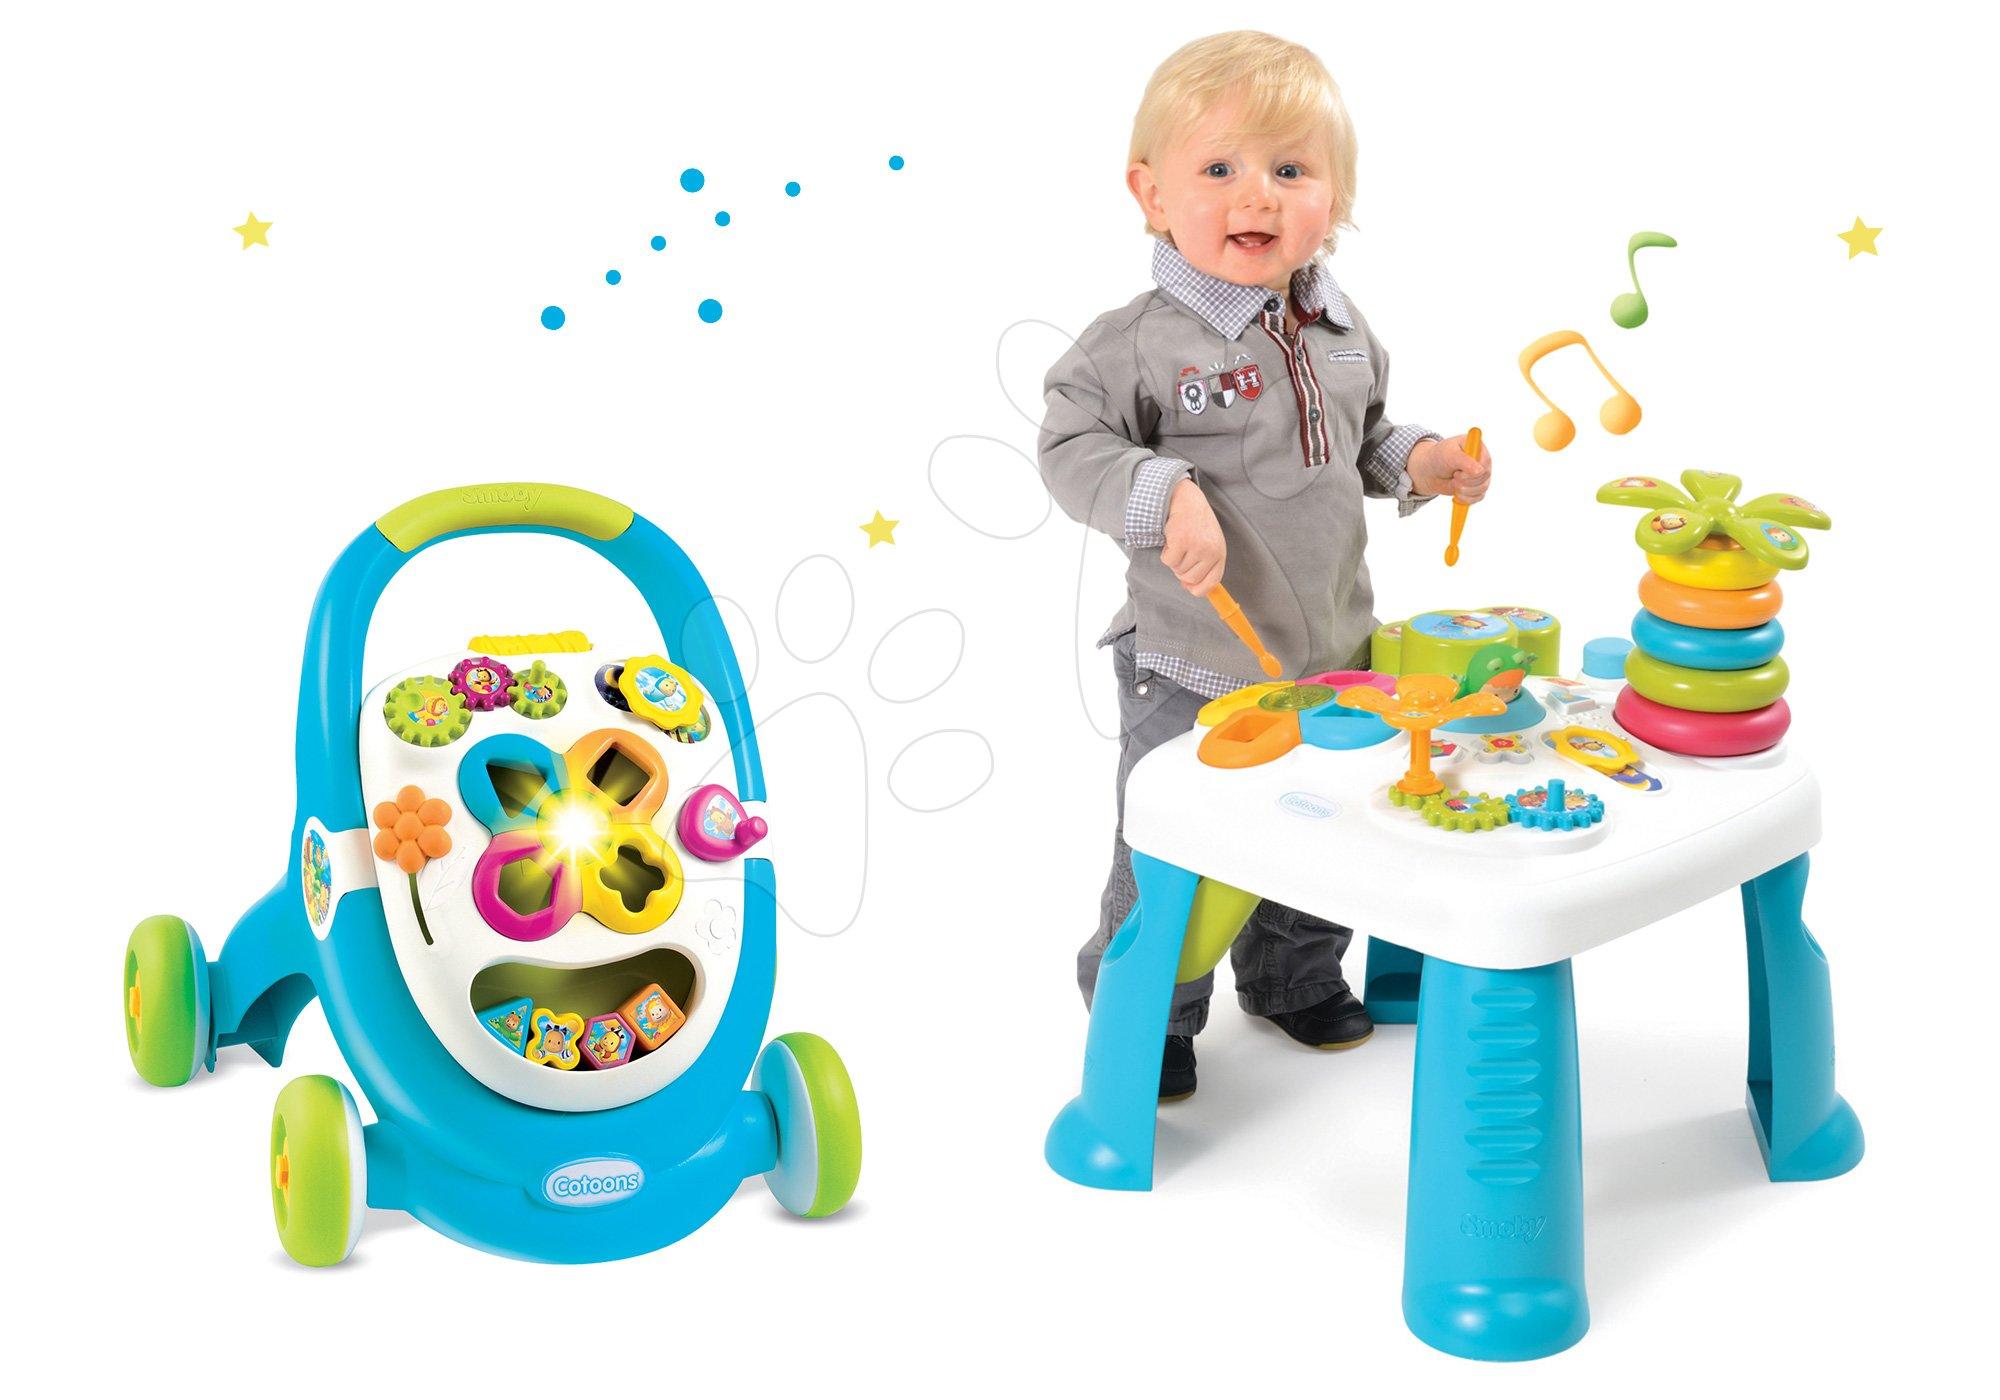 Smoby set didaktický stolík Cotoons a chodítko s kockami 211067-1 modrý